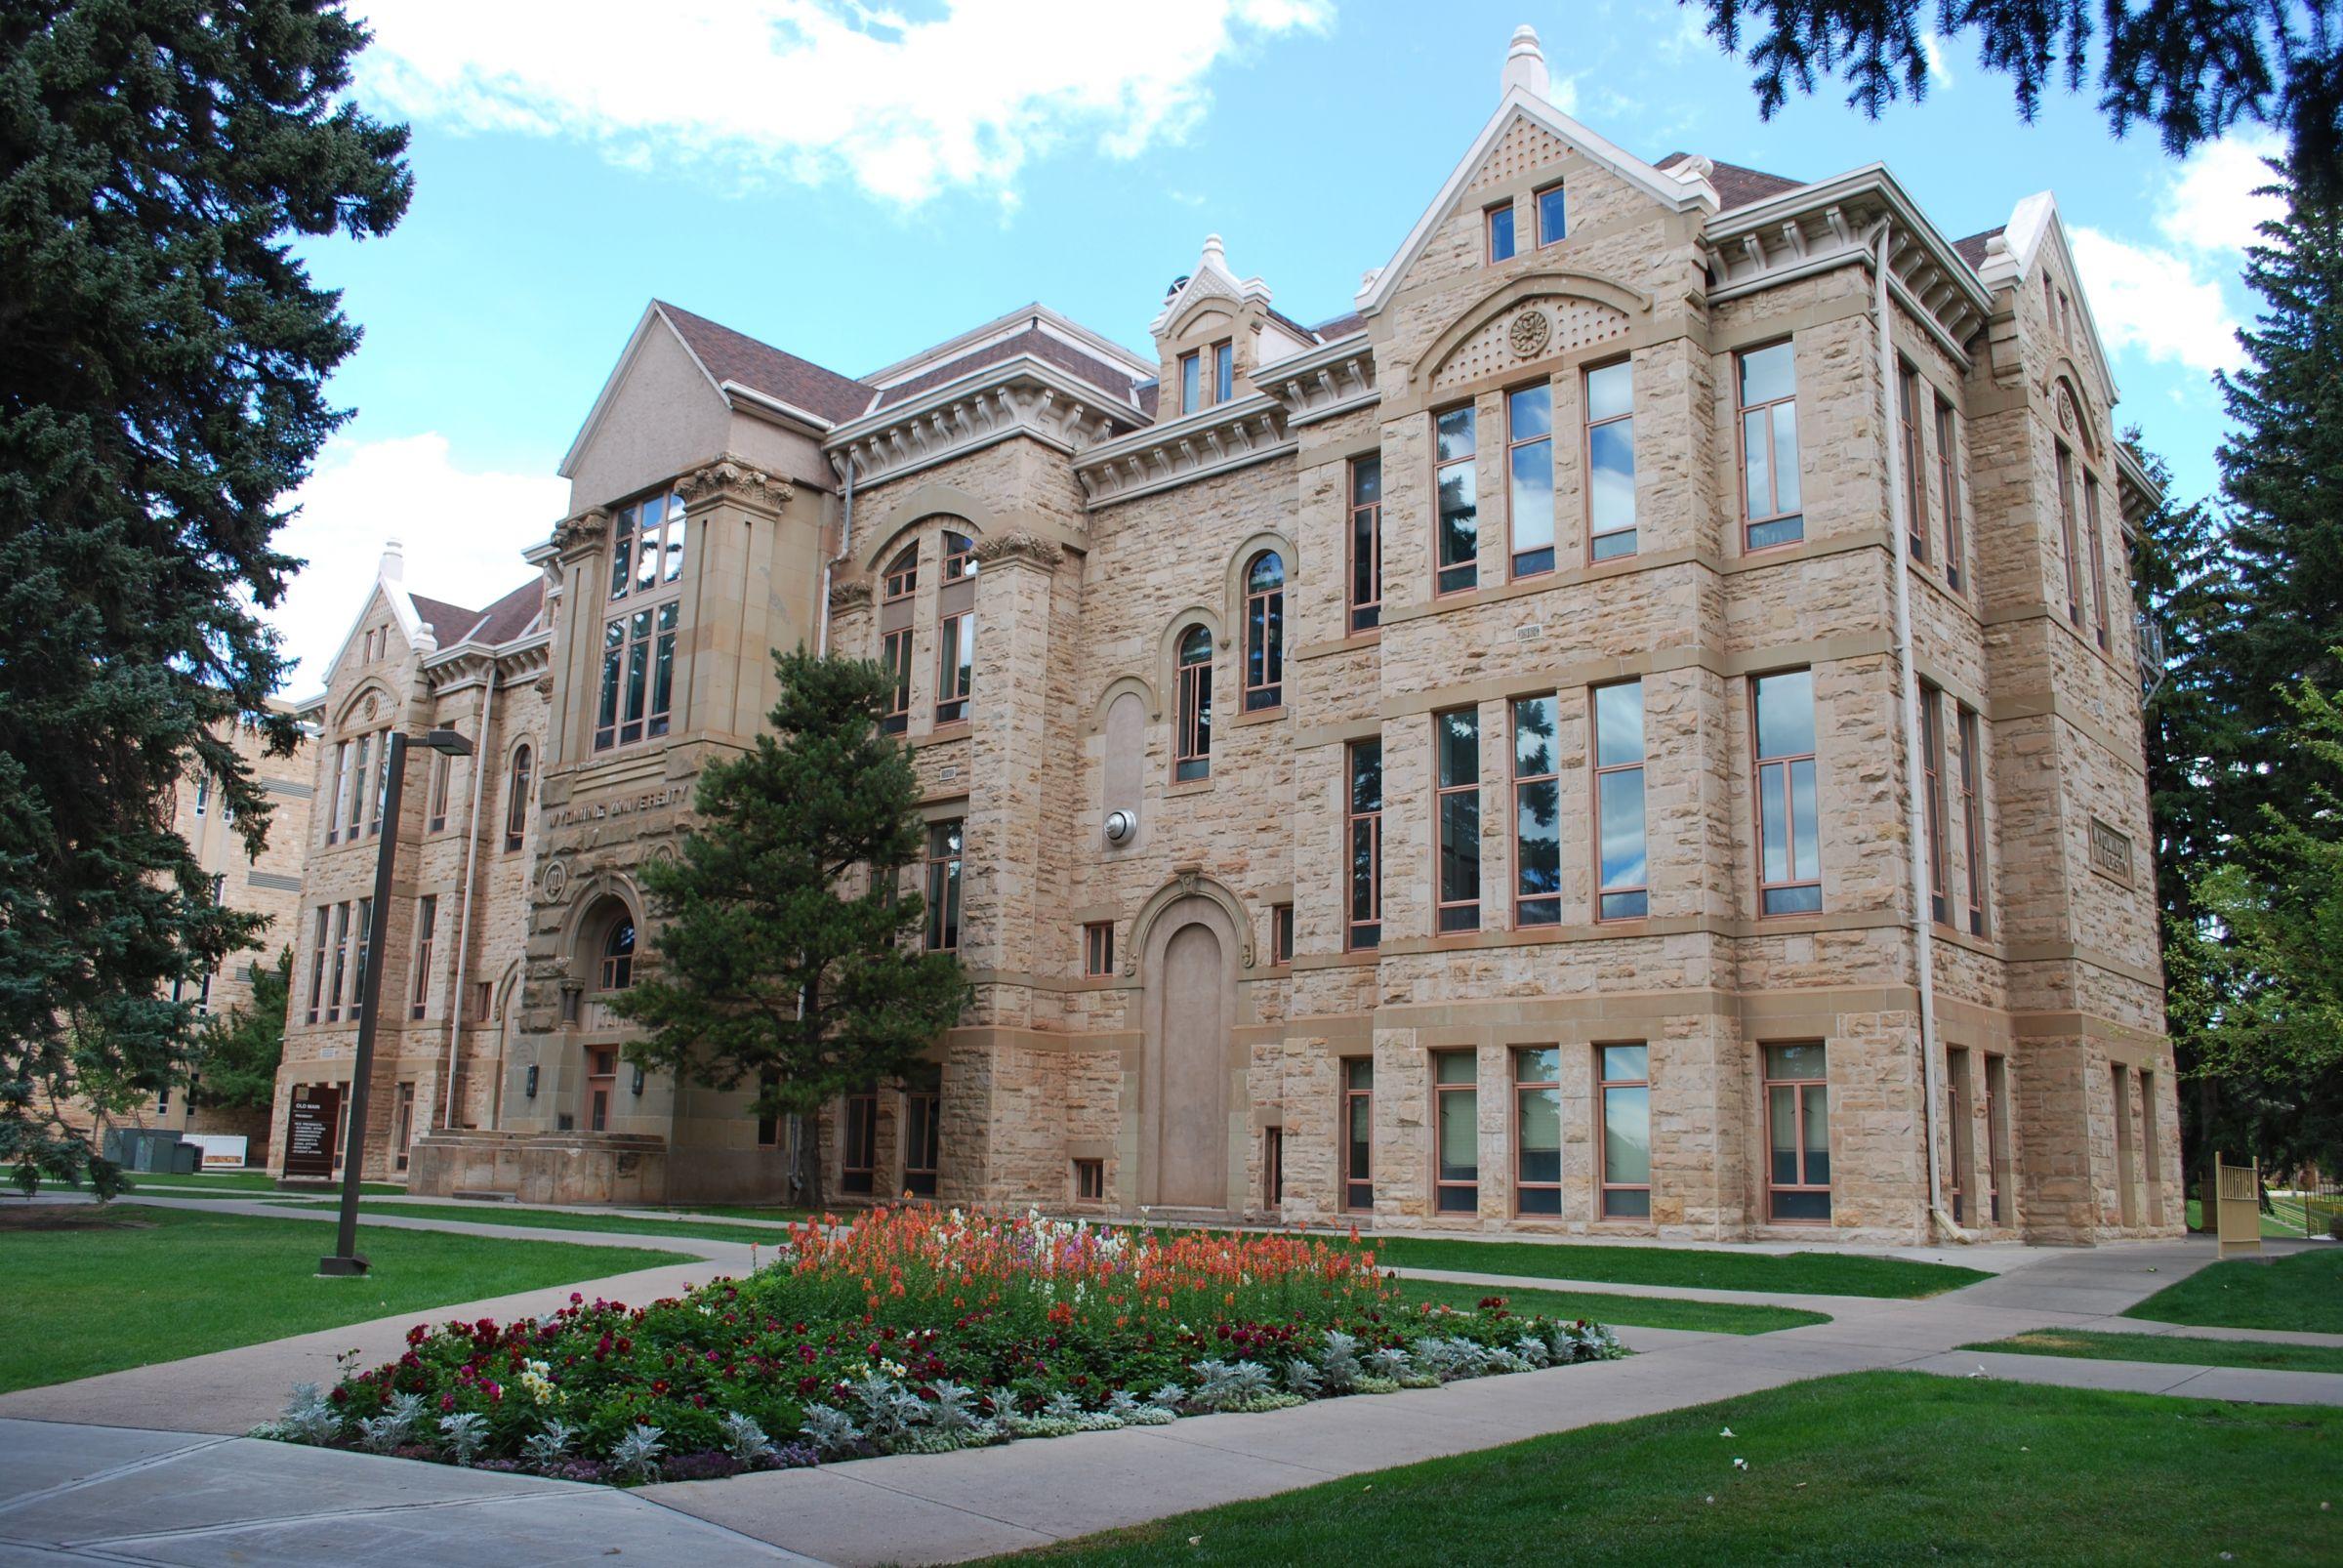 University_of_Wyoming_5710547.jpg